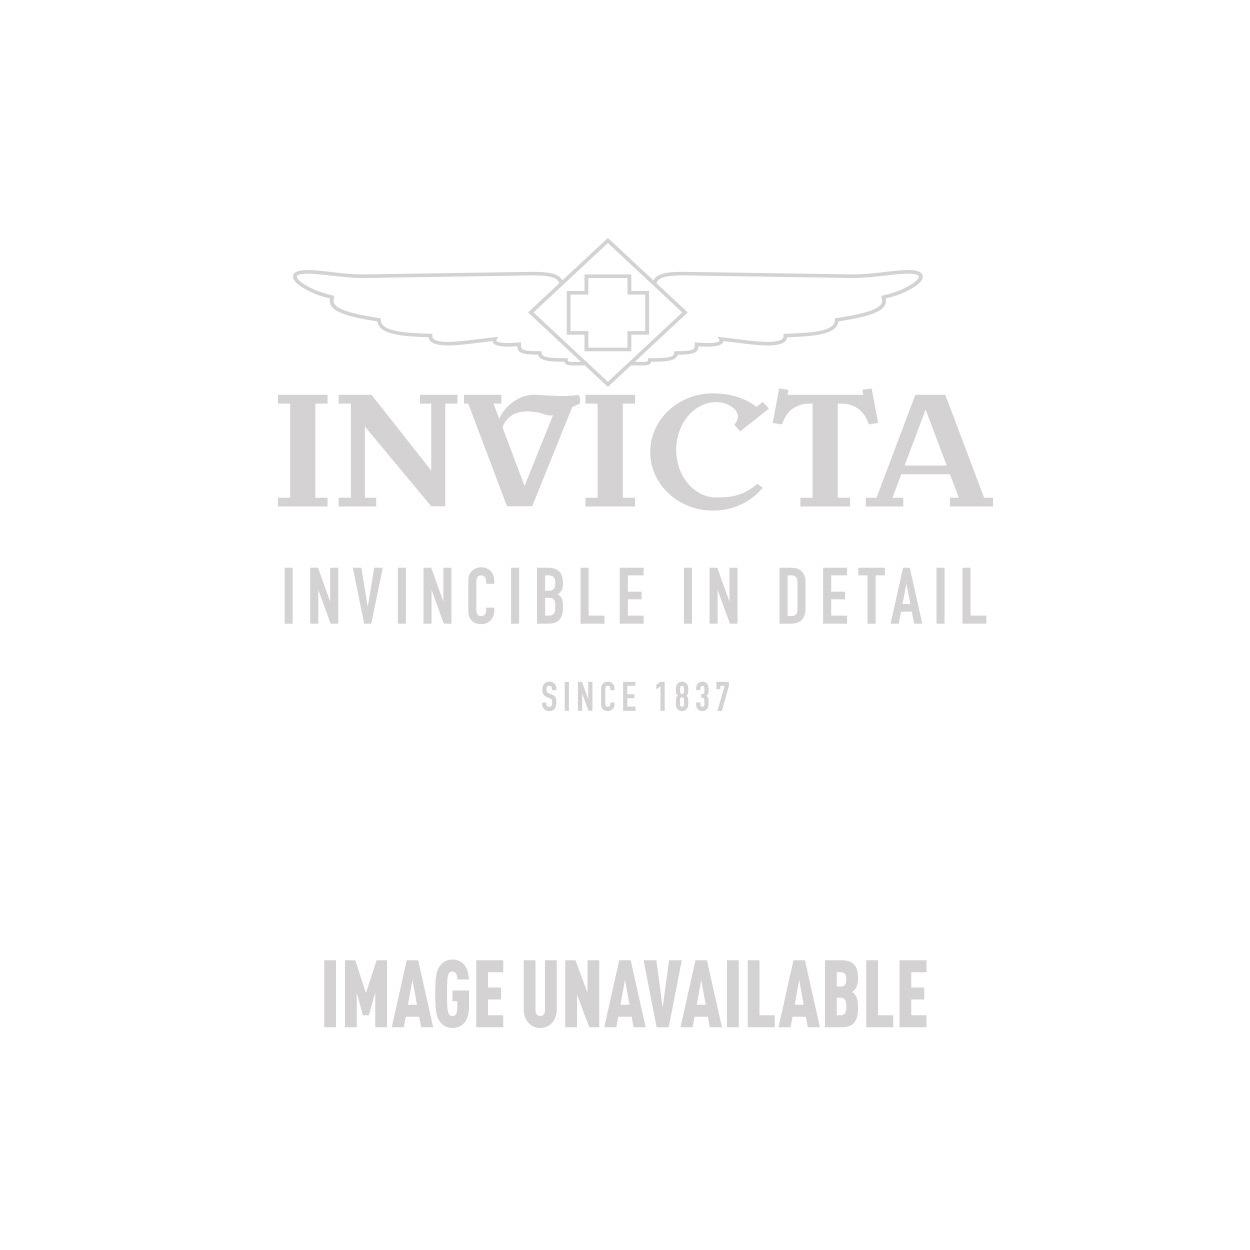 Invicta Model 29858